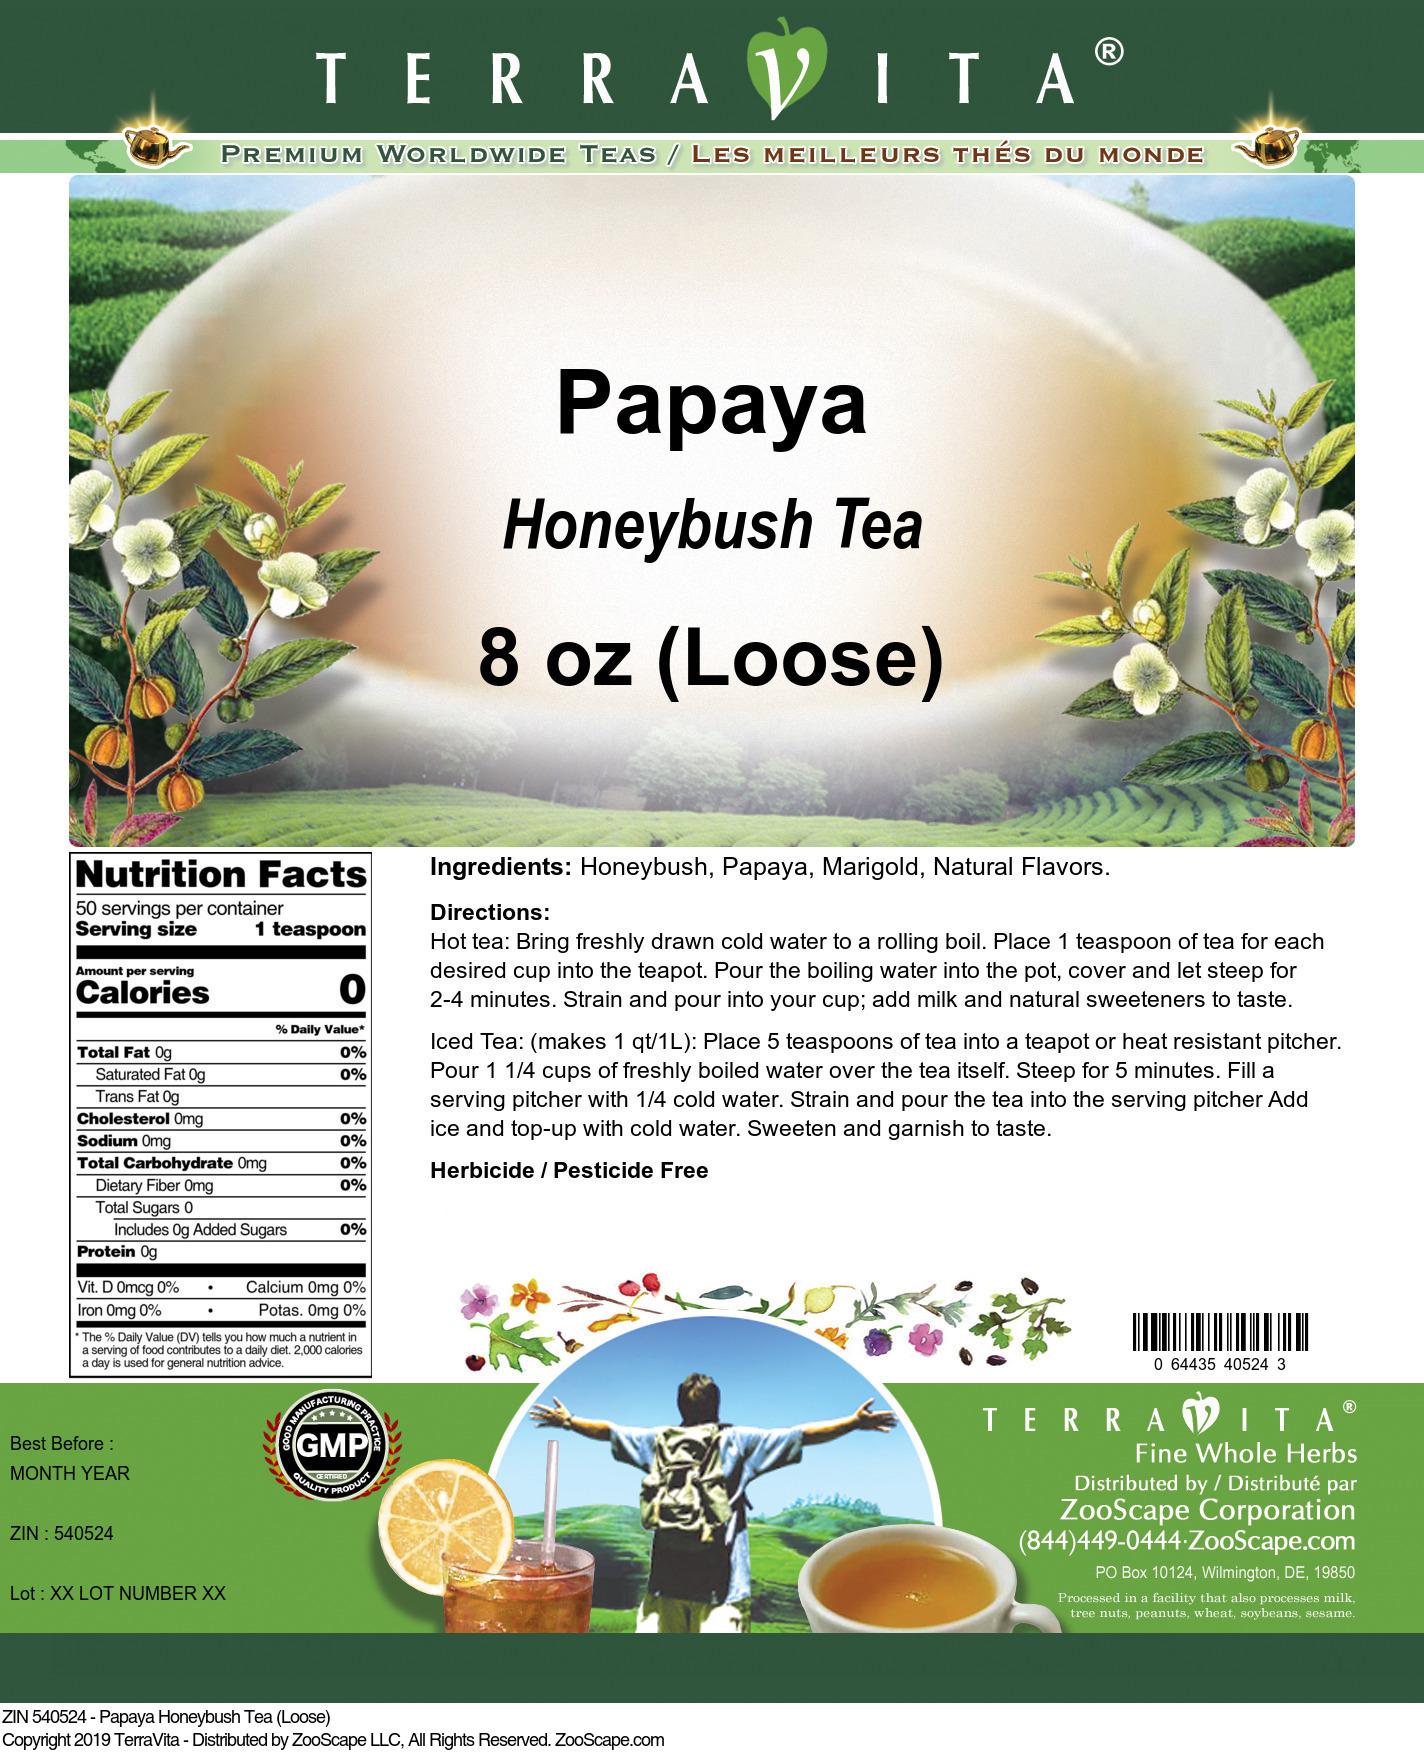 Papaya Honeybush Tea